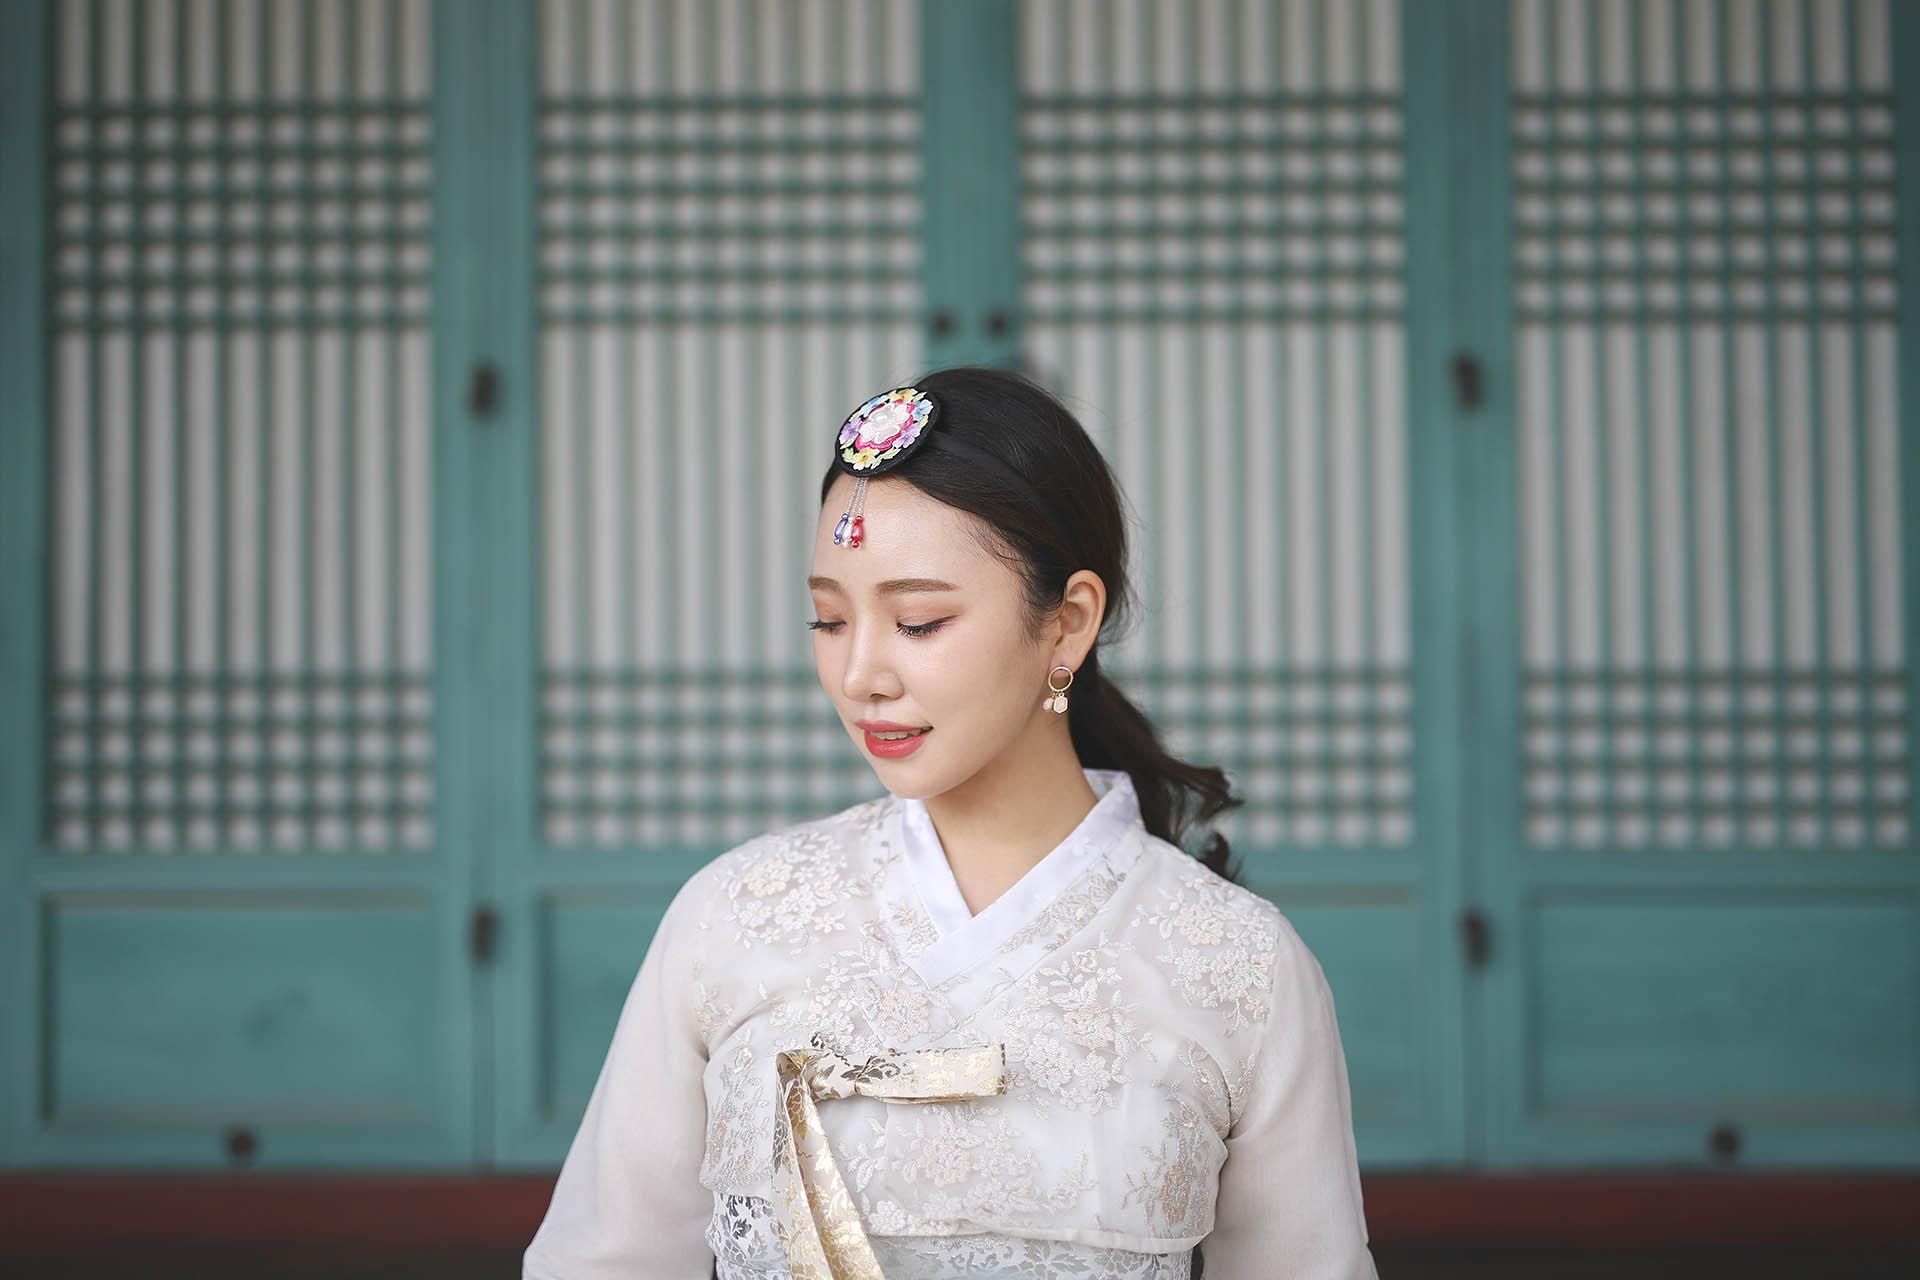 Golden Hour Photoshoot at Changgyeonggung Palace